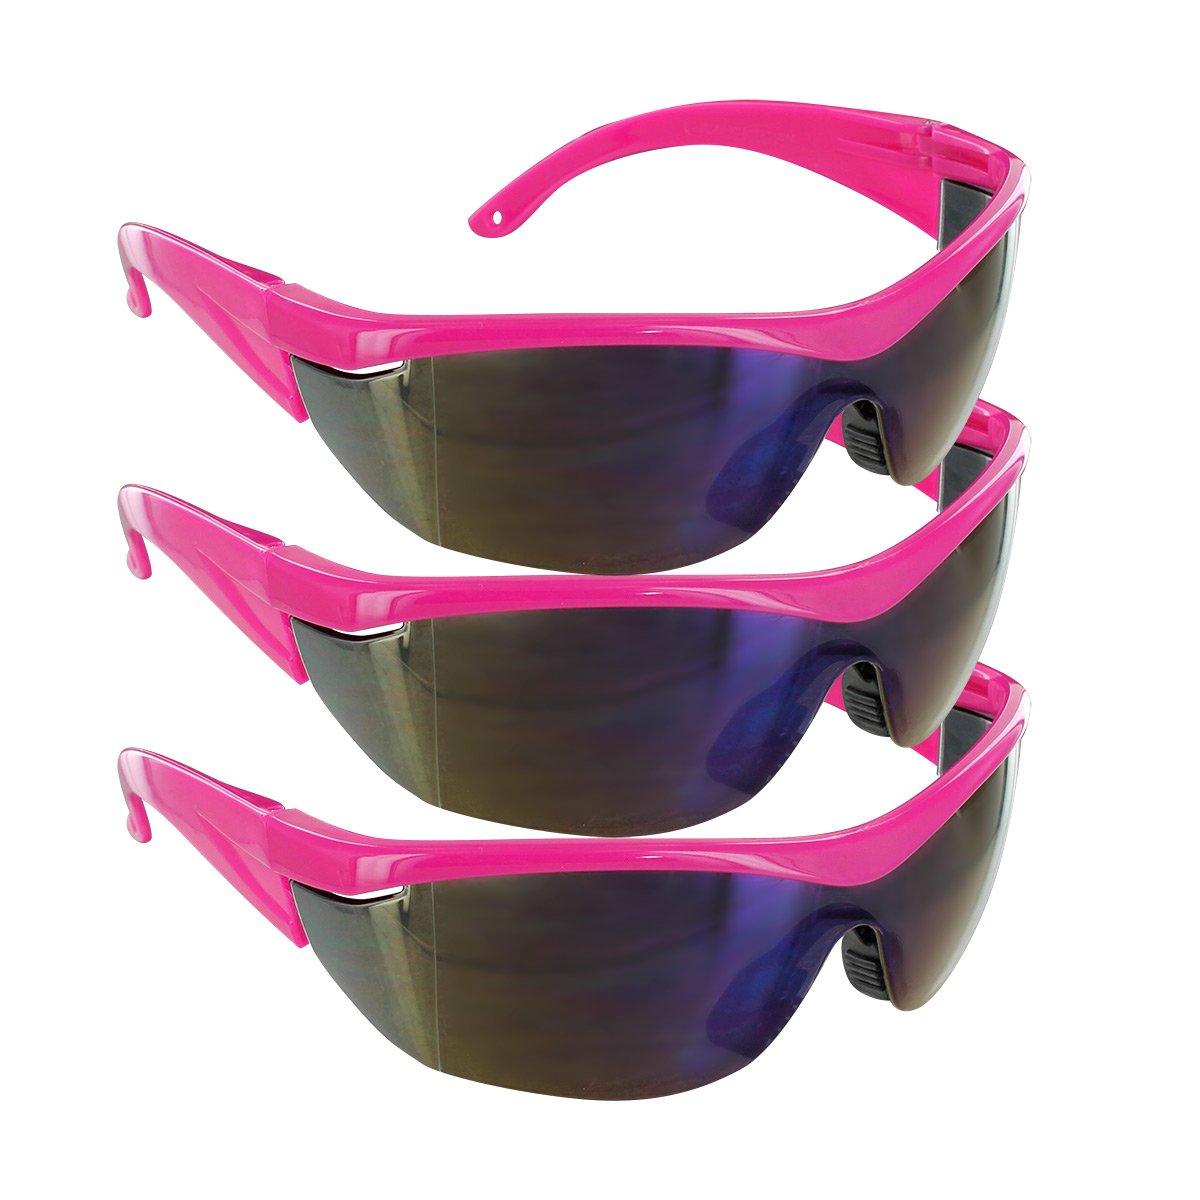 12 Pack Online Stores SFTEYSG1000021196-PNK-CLRR-C12 Safety Girl Navigator Safety Glasses Pink Frame Clear